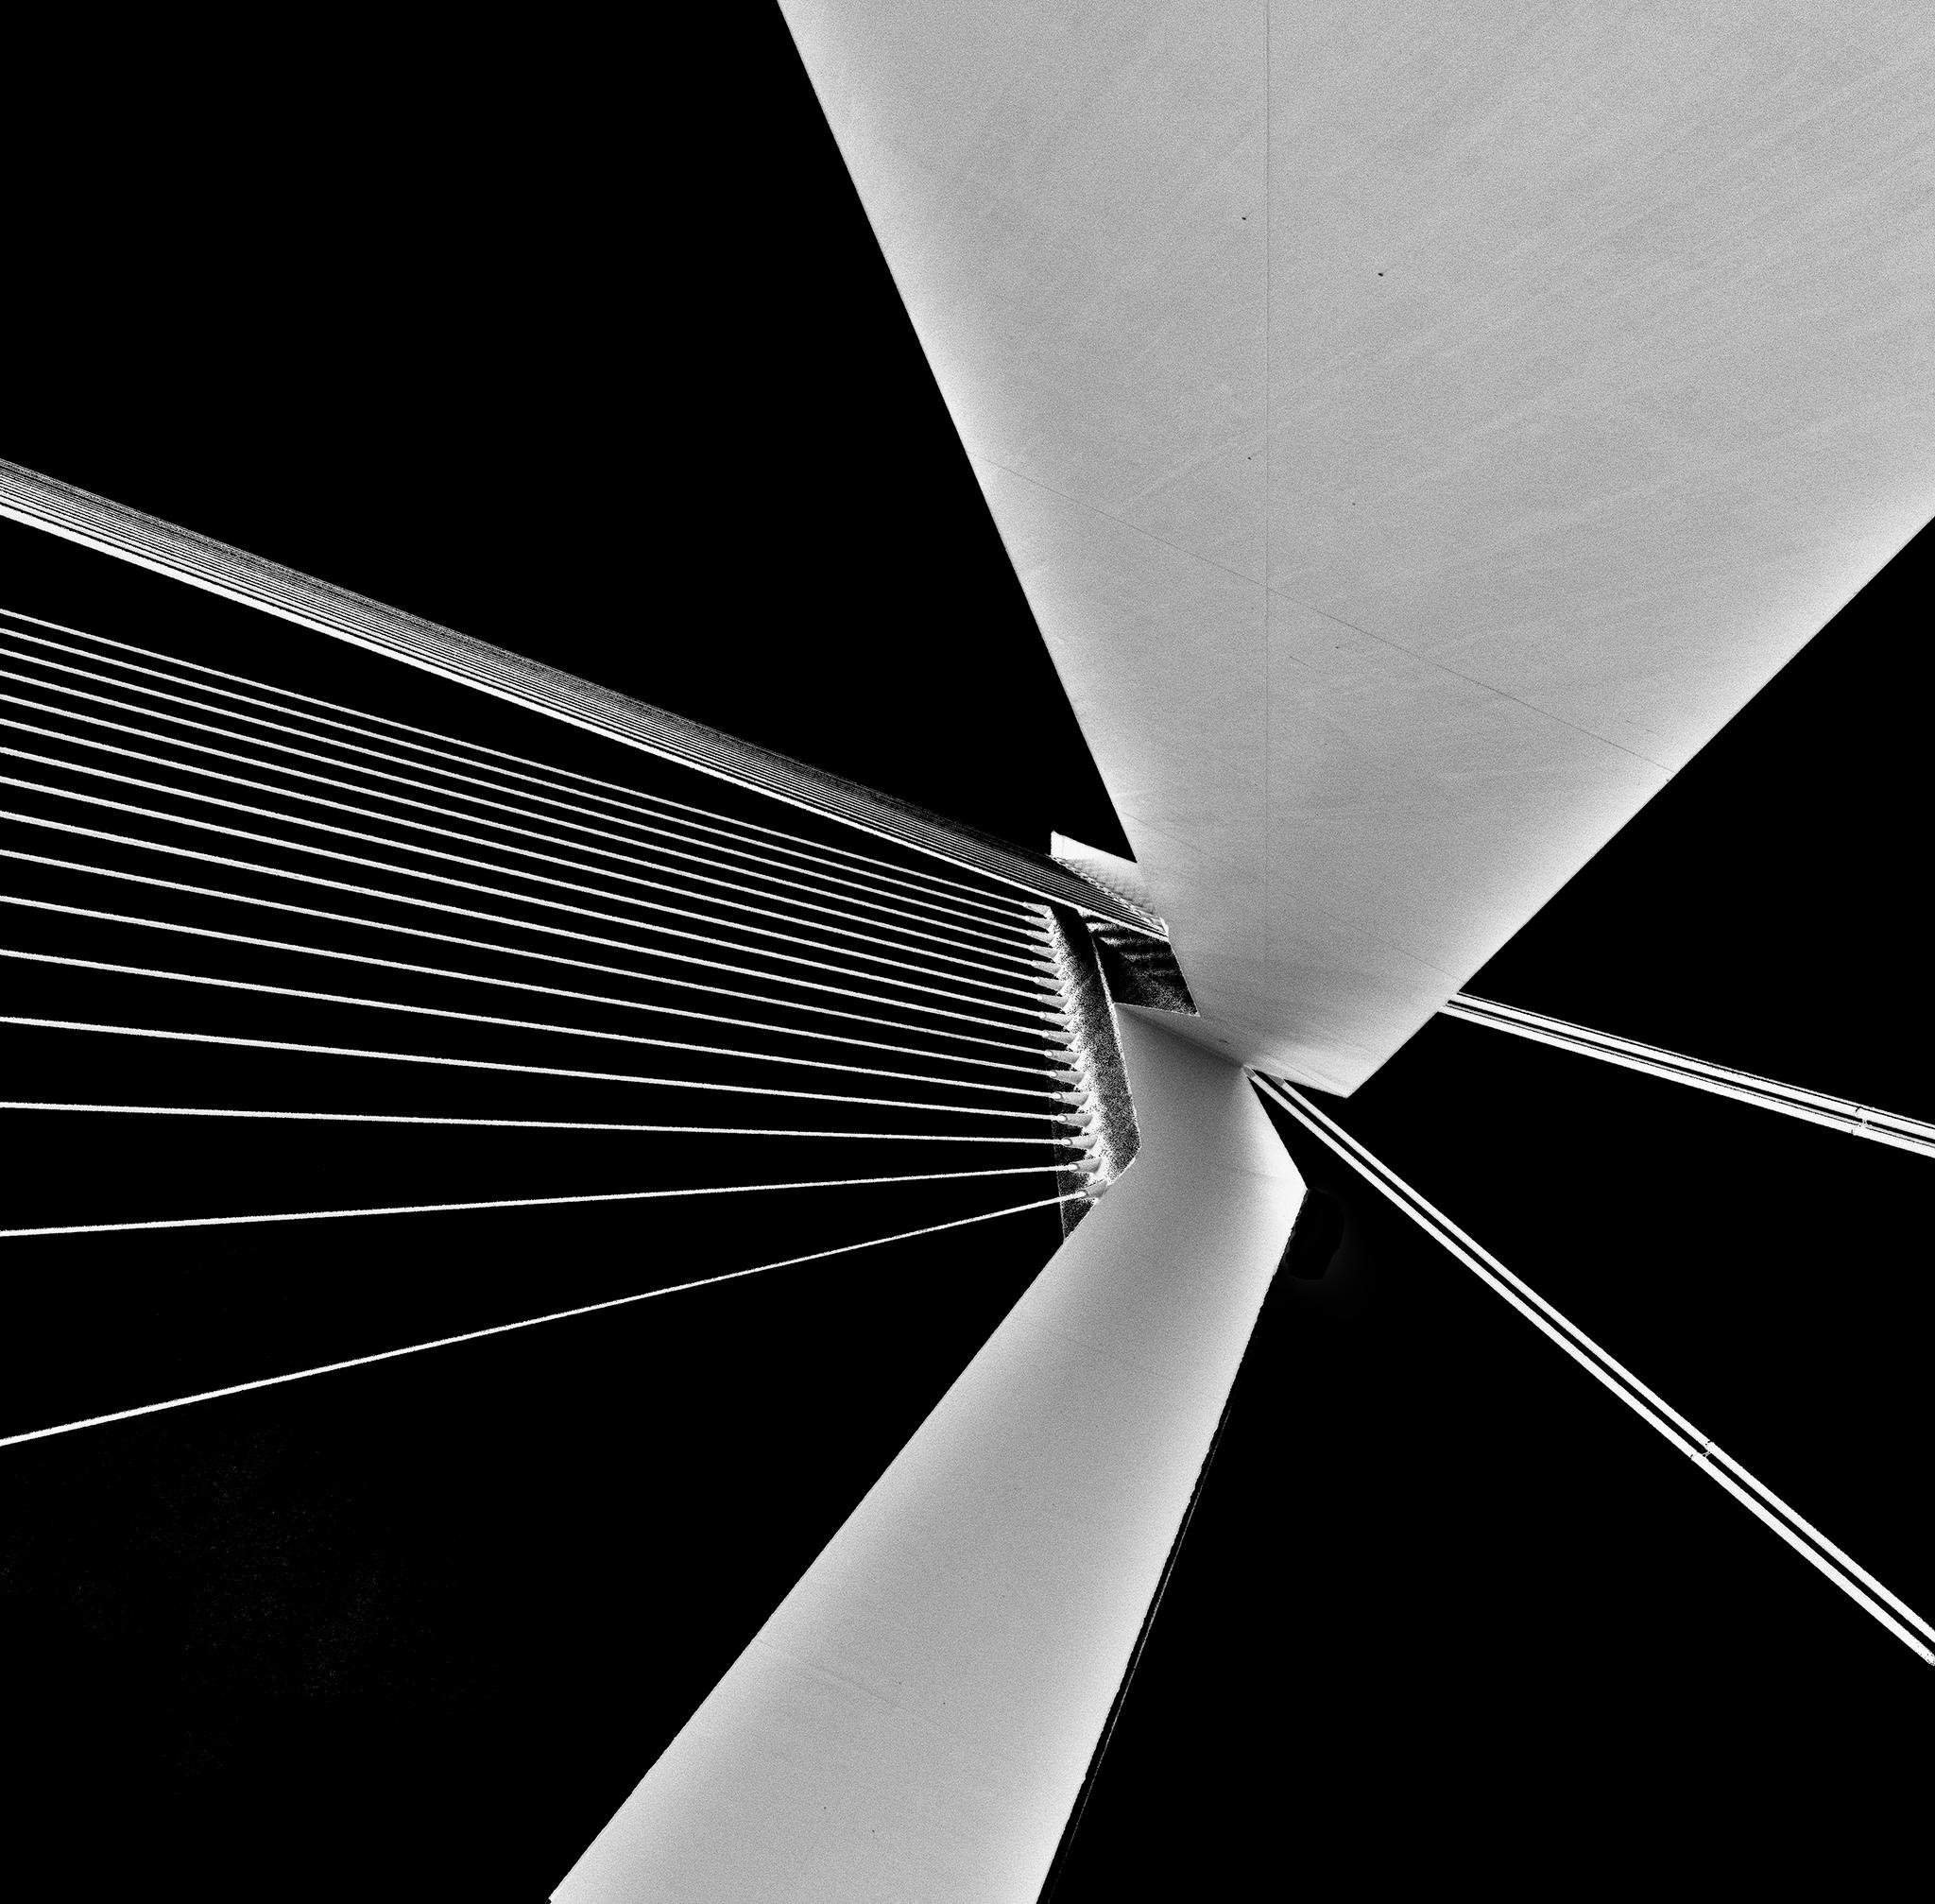 Erasmus Bridge / Erasmusbrug, Netherlands